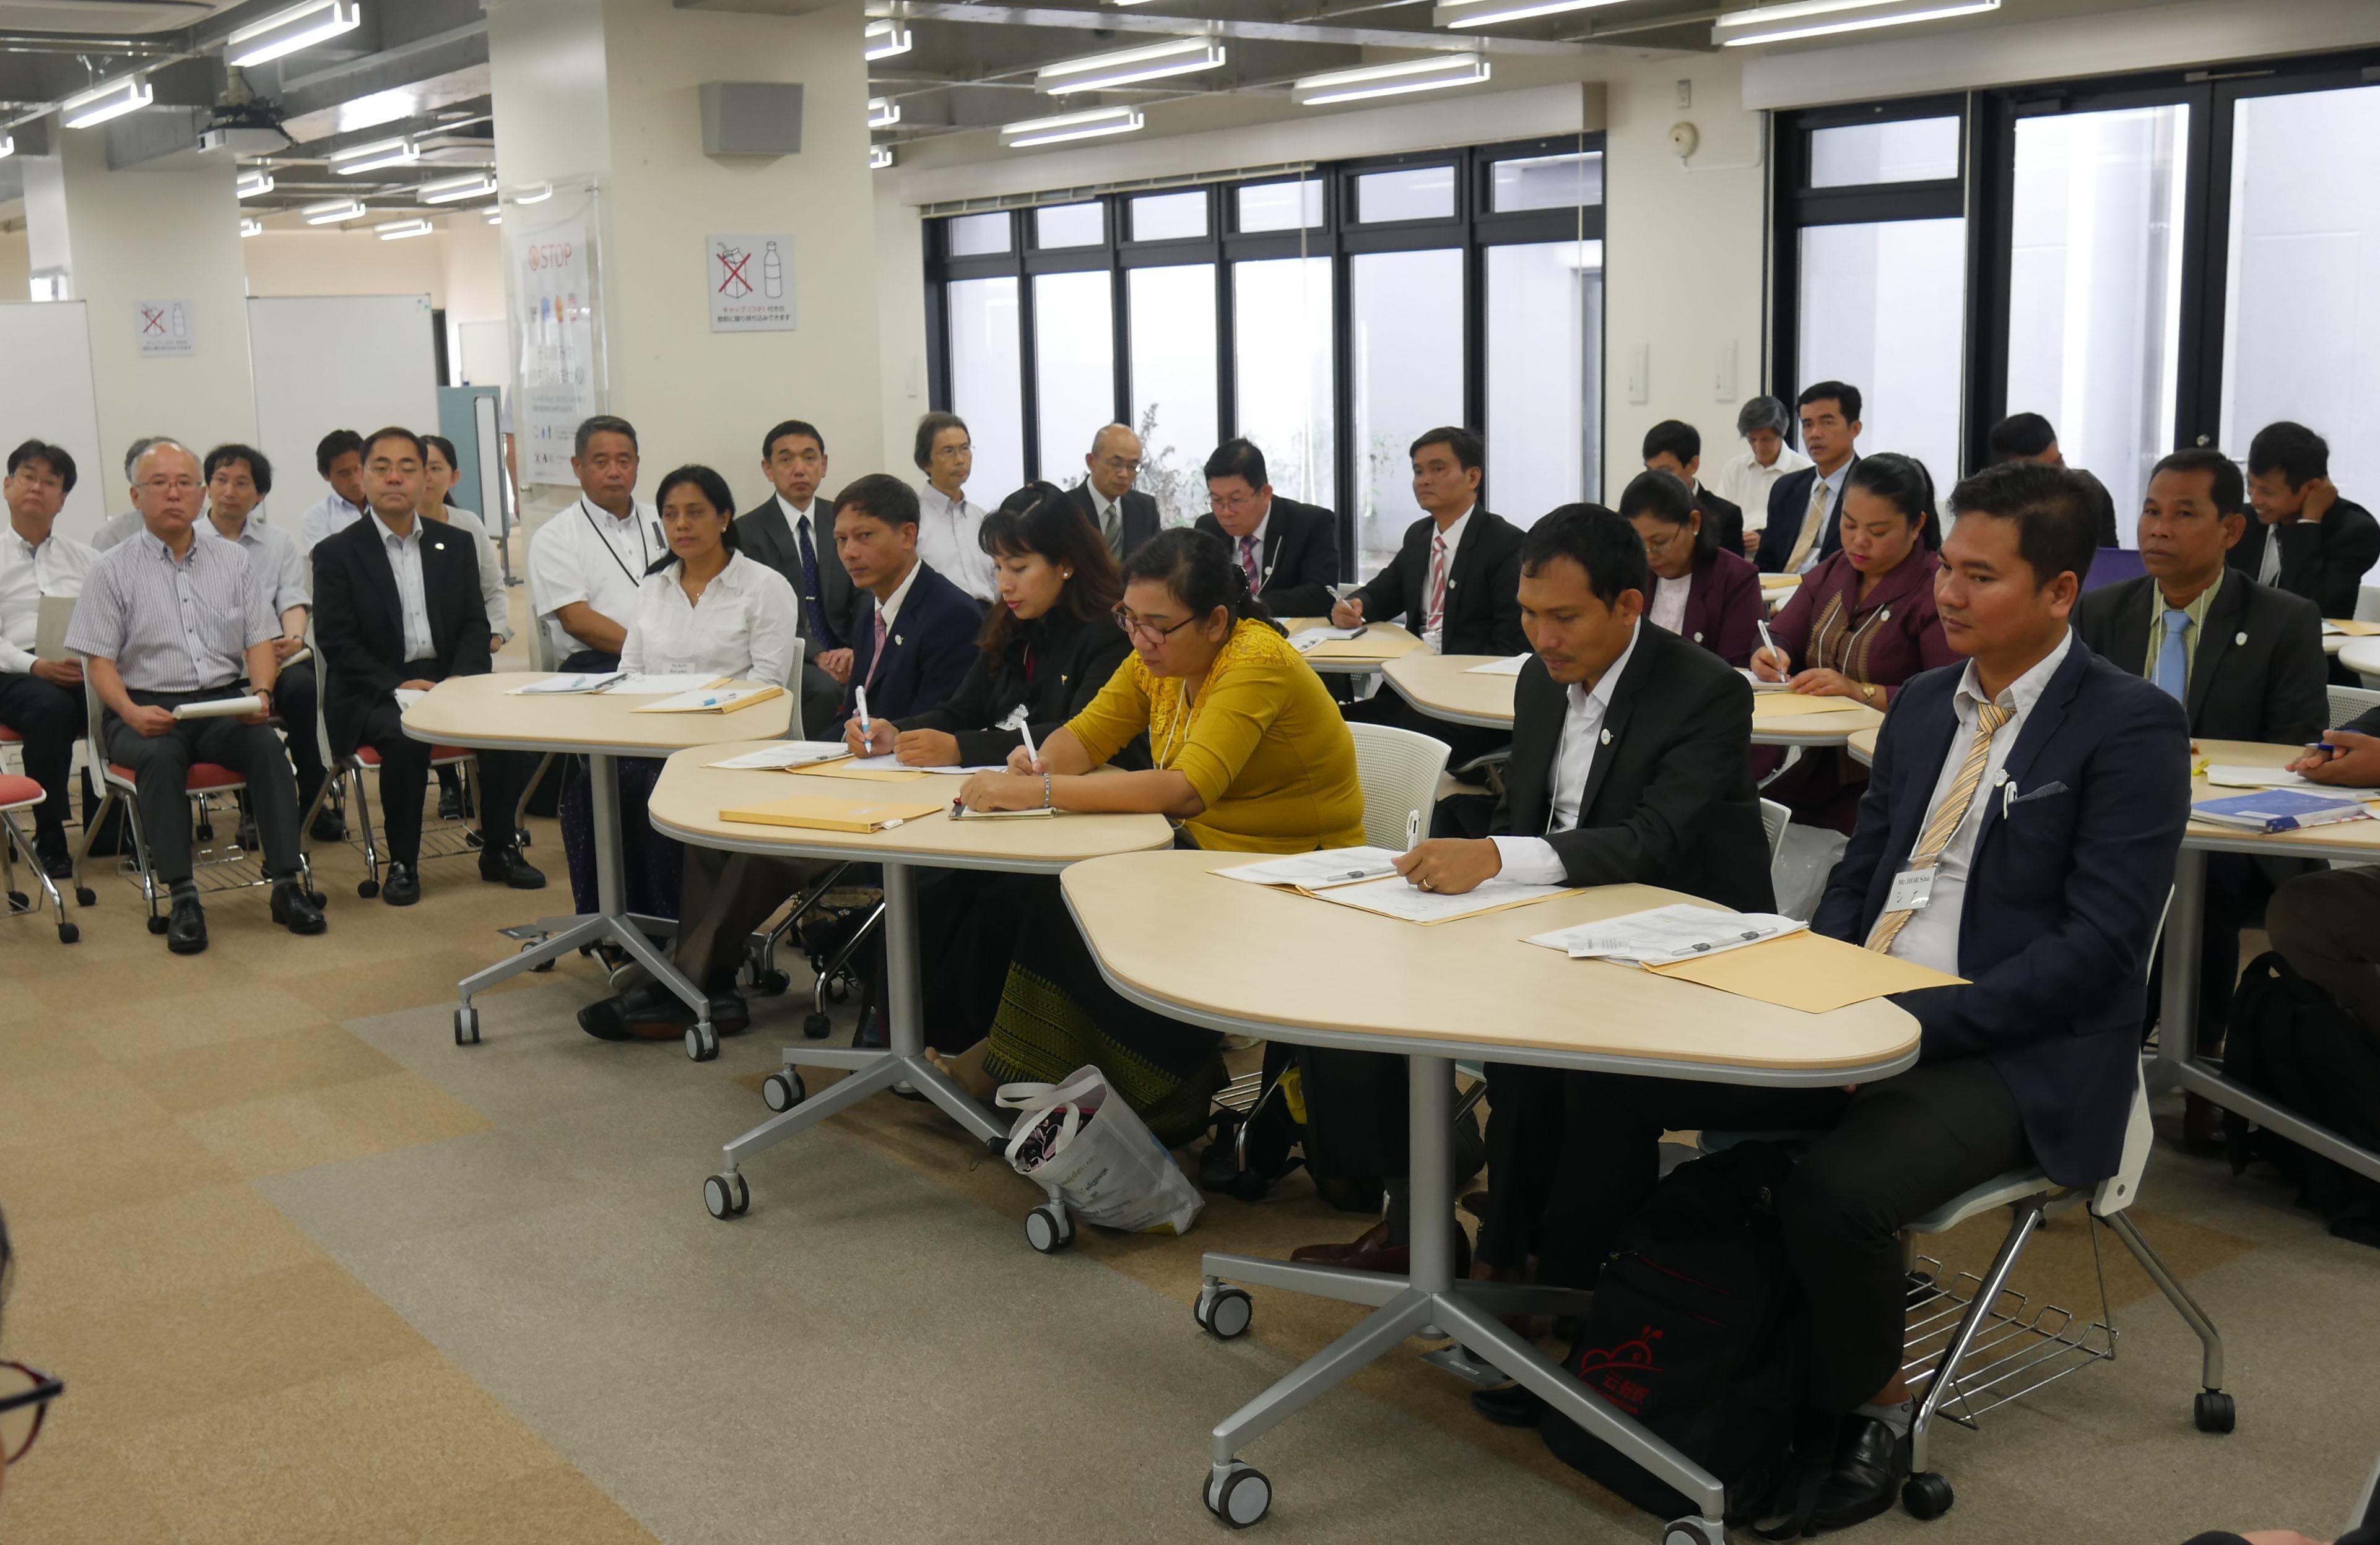 加藤学長の話に耳を傾ける研修参加者